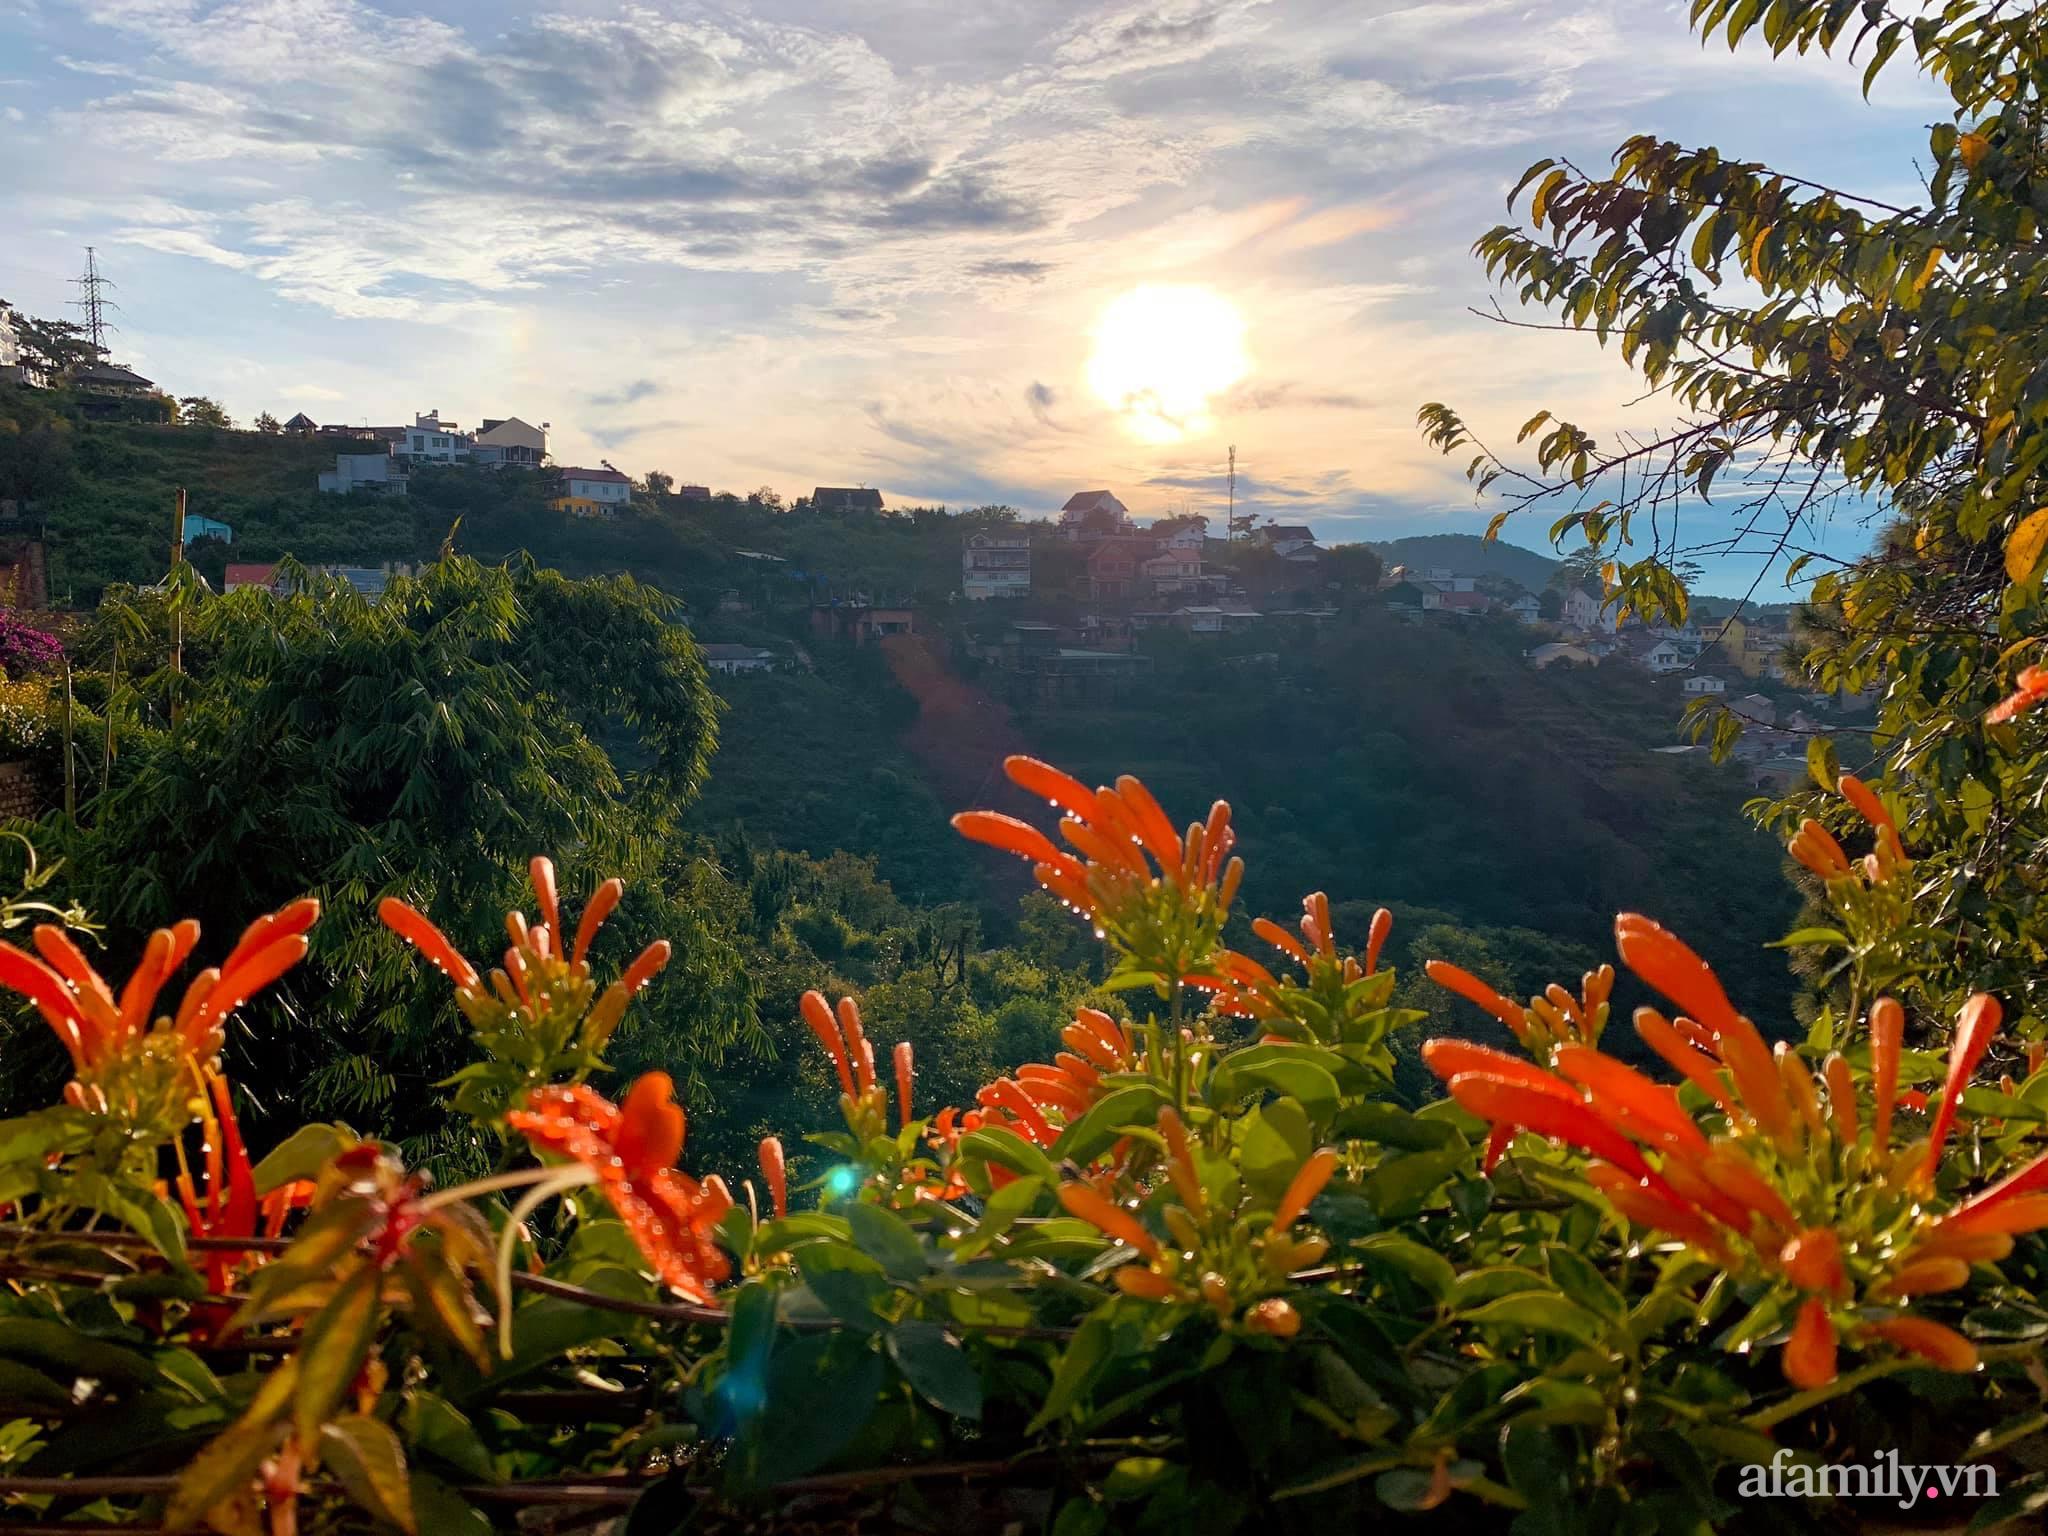 Ngôi nhà nhỏ yên bình sở hữu khu vườn đẹp như xứ sở thần tiên giữa lưng chừng đồi ở Đà Lạt - Ảnh 21.